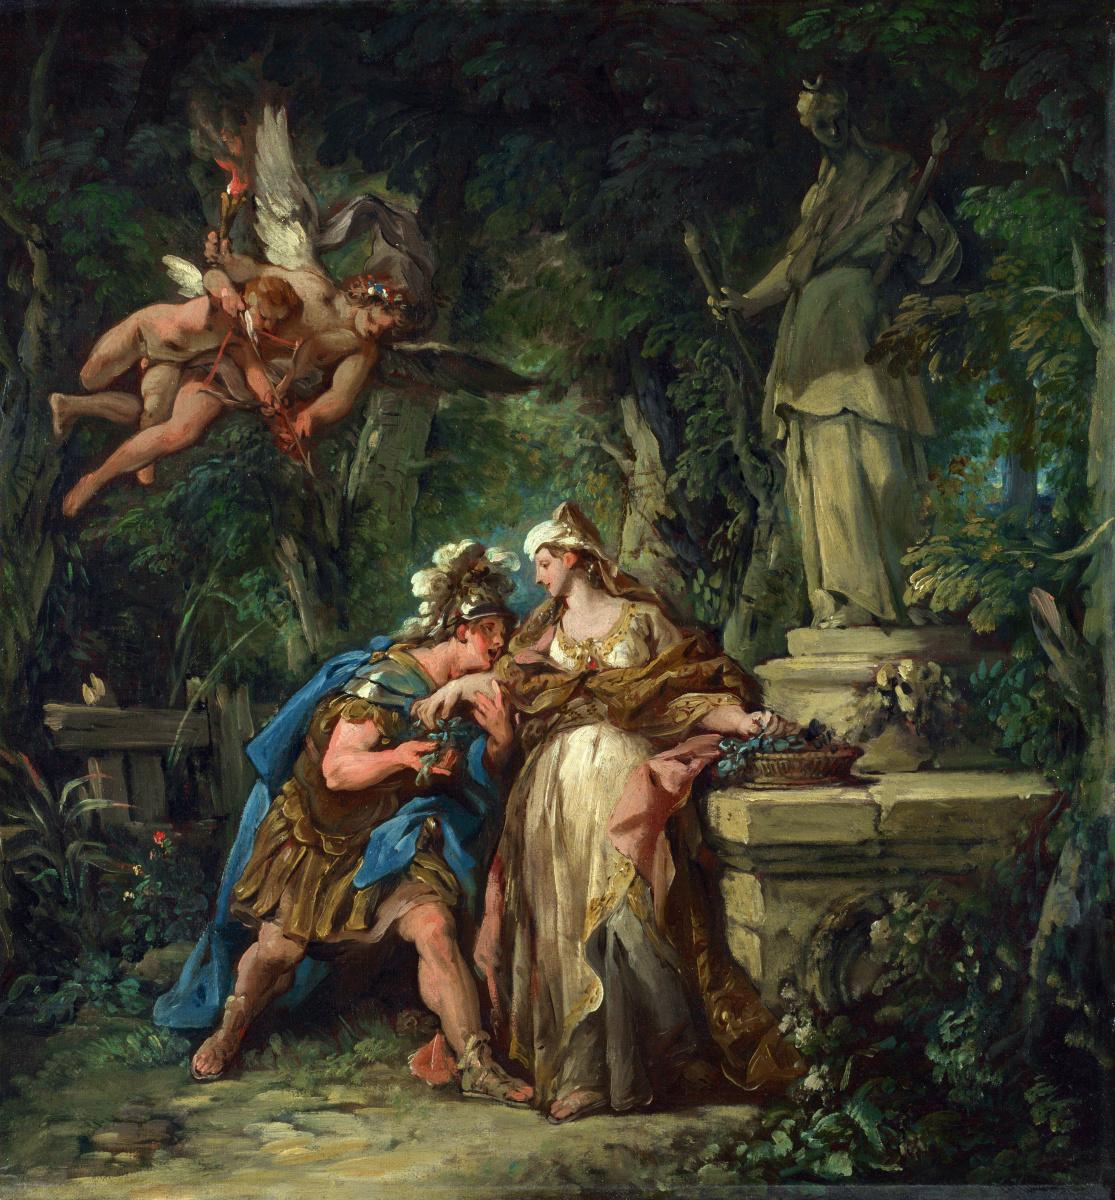 Жан-Франсуа Детрой. Джейсон присягаяет на вечную любовь к Медее